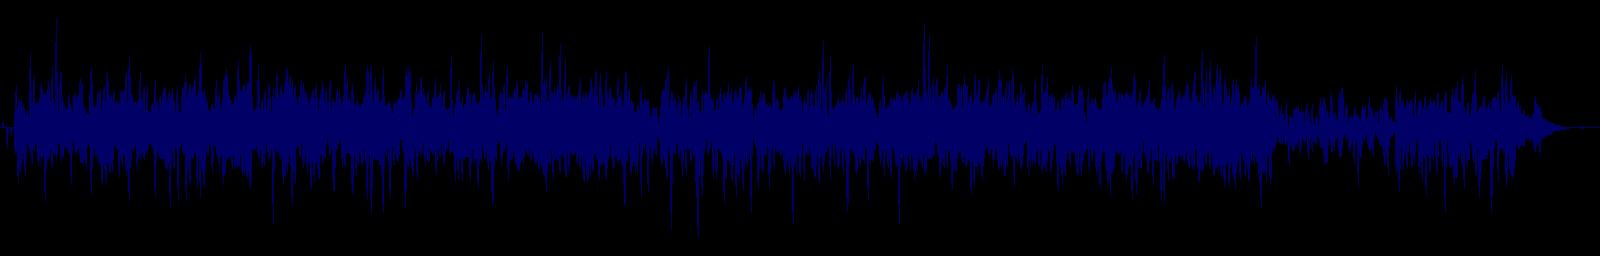 waveform of track #152131